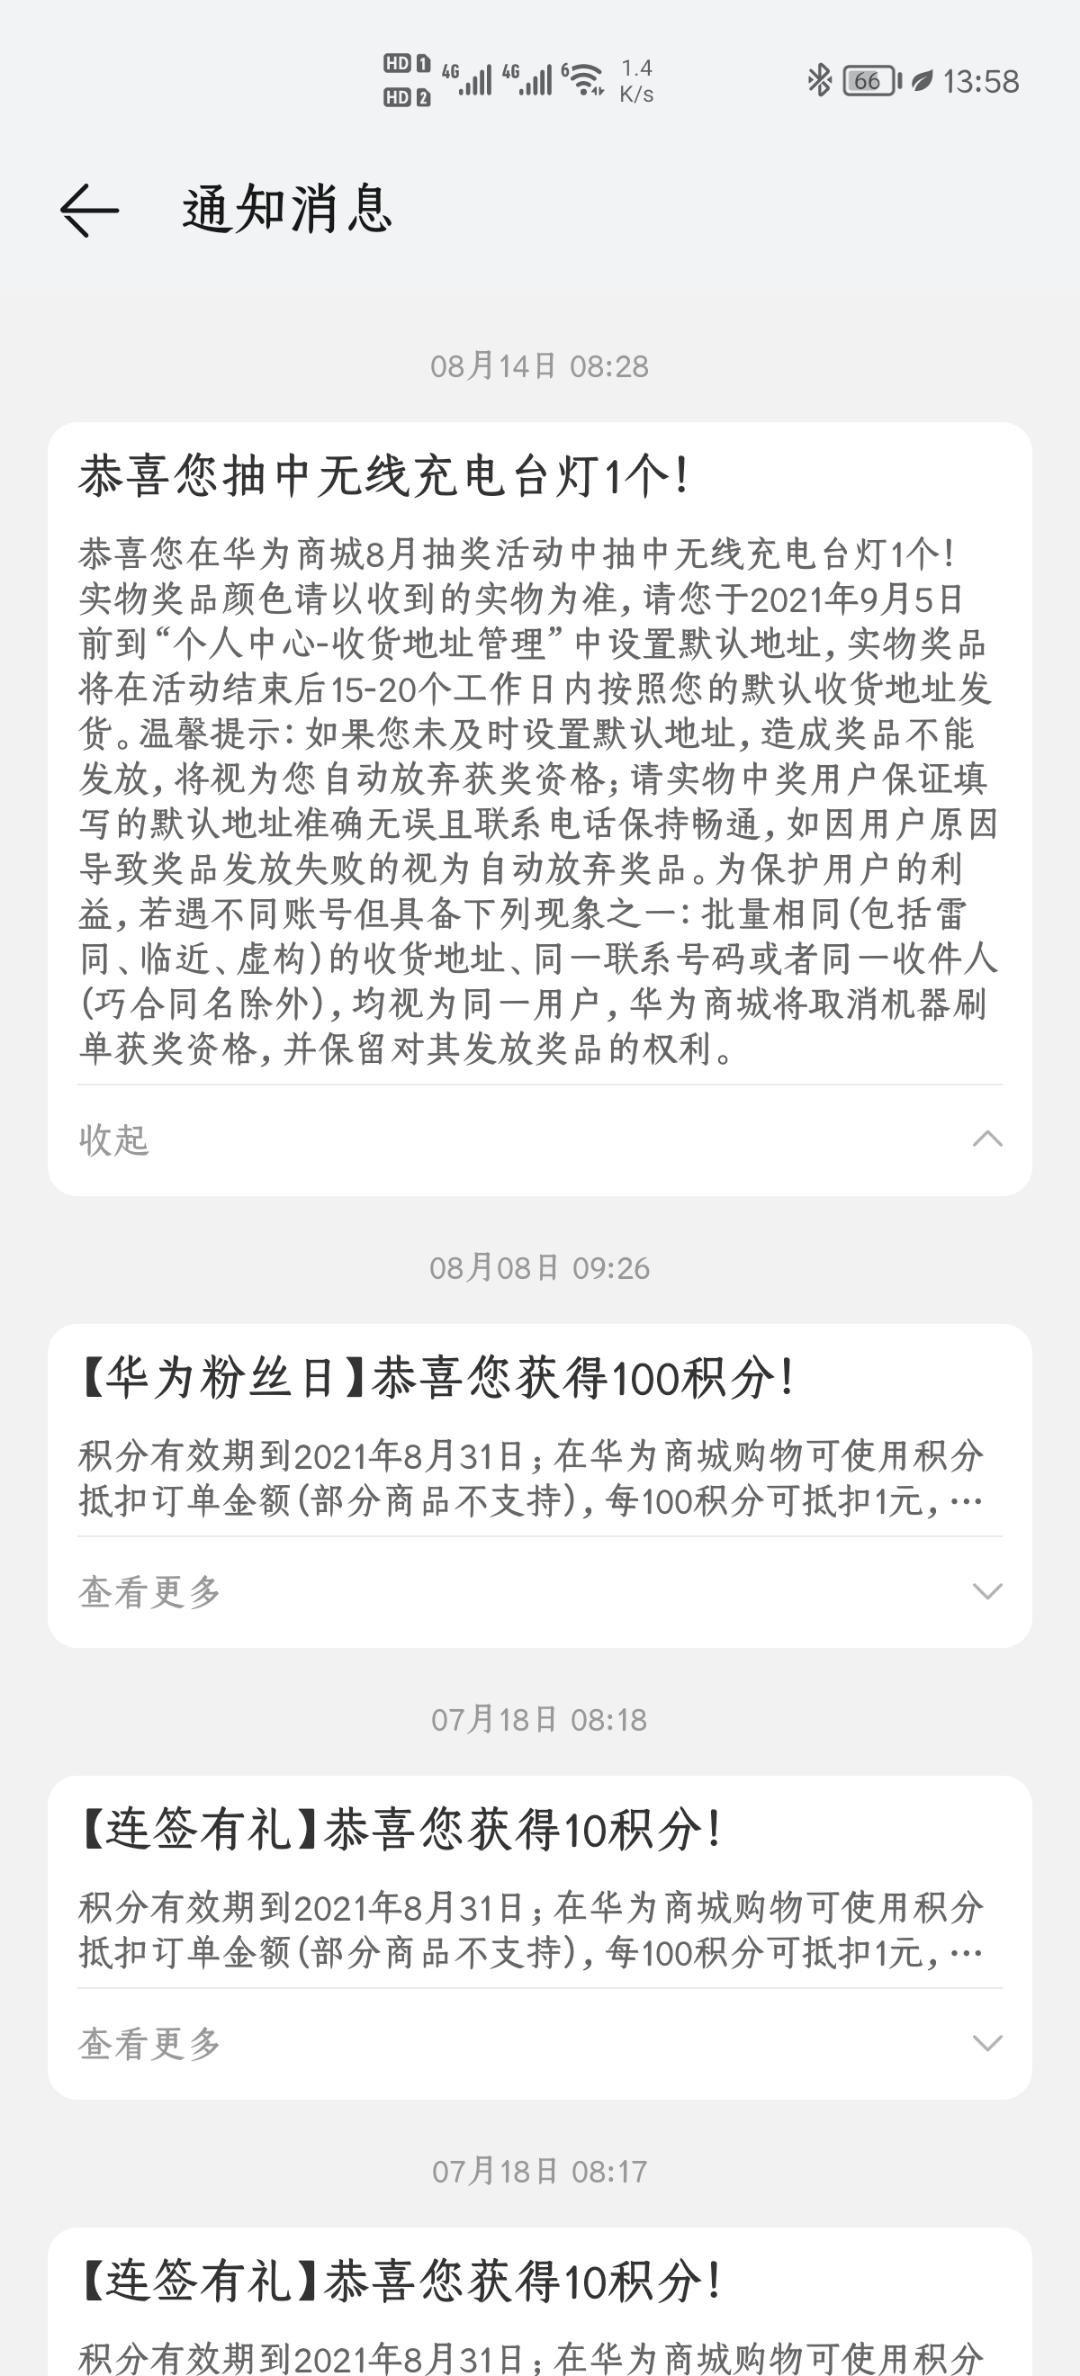 Screenshot_20210917_135810_com.vmall.client.jpg